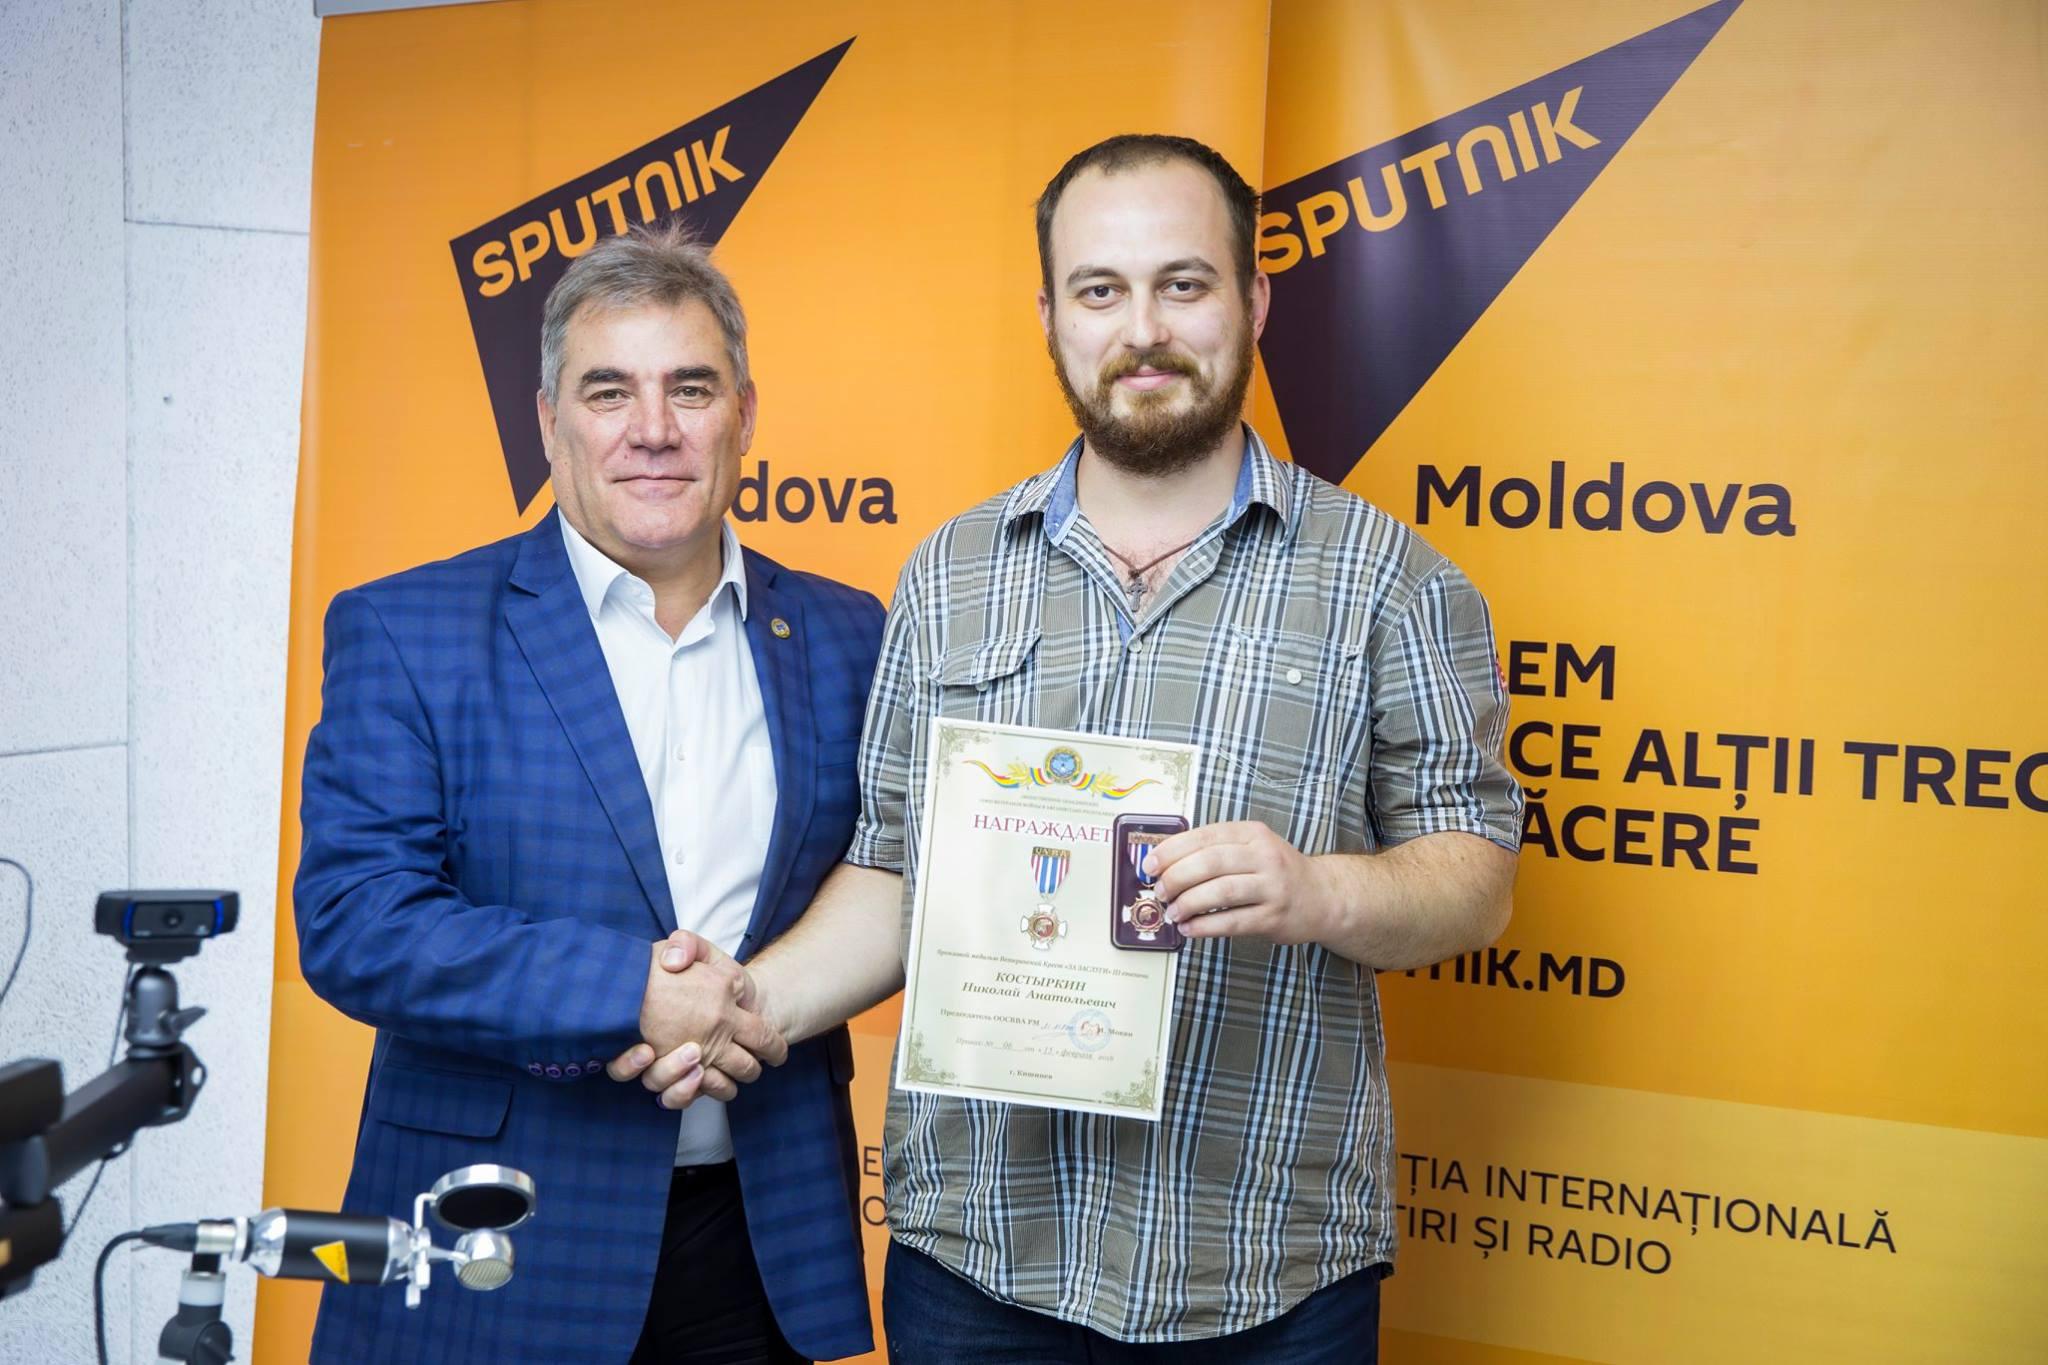 """Корреспондент Sputnik награжден медалью """"афганцев"""" Молдовы"""